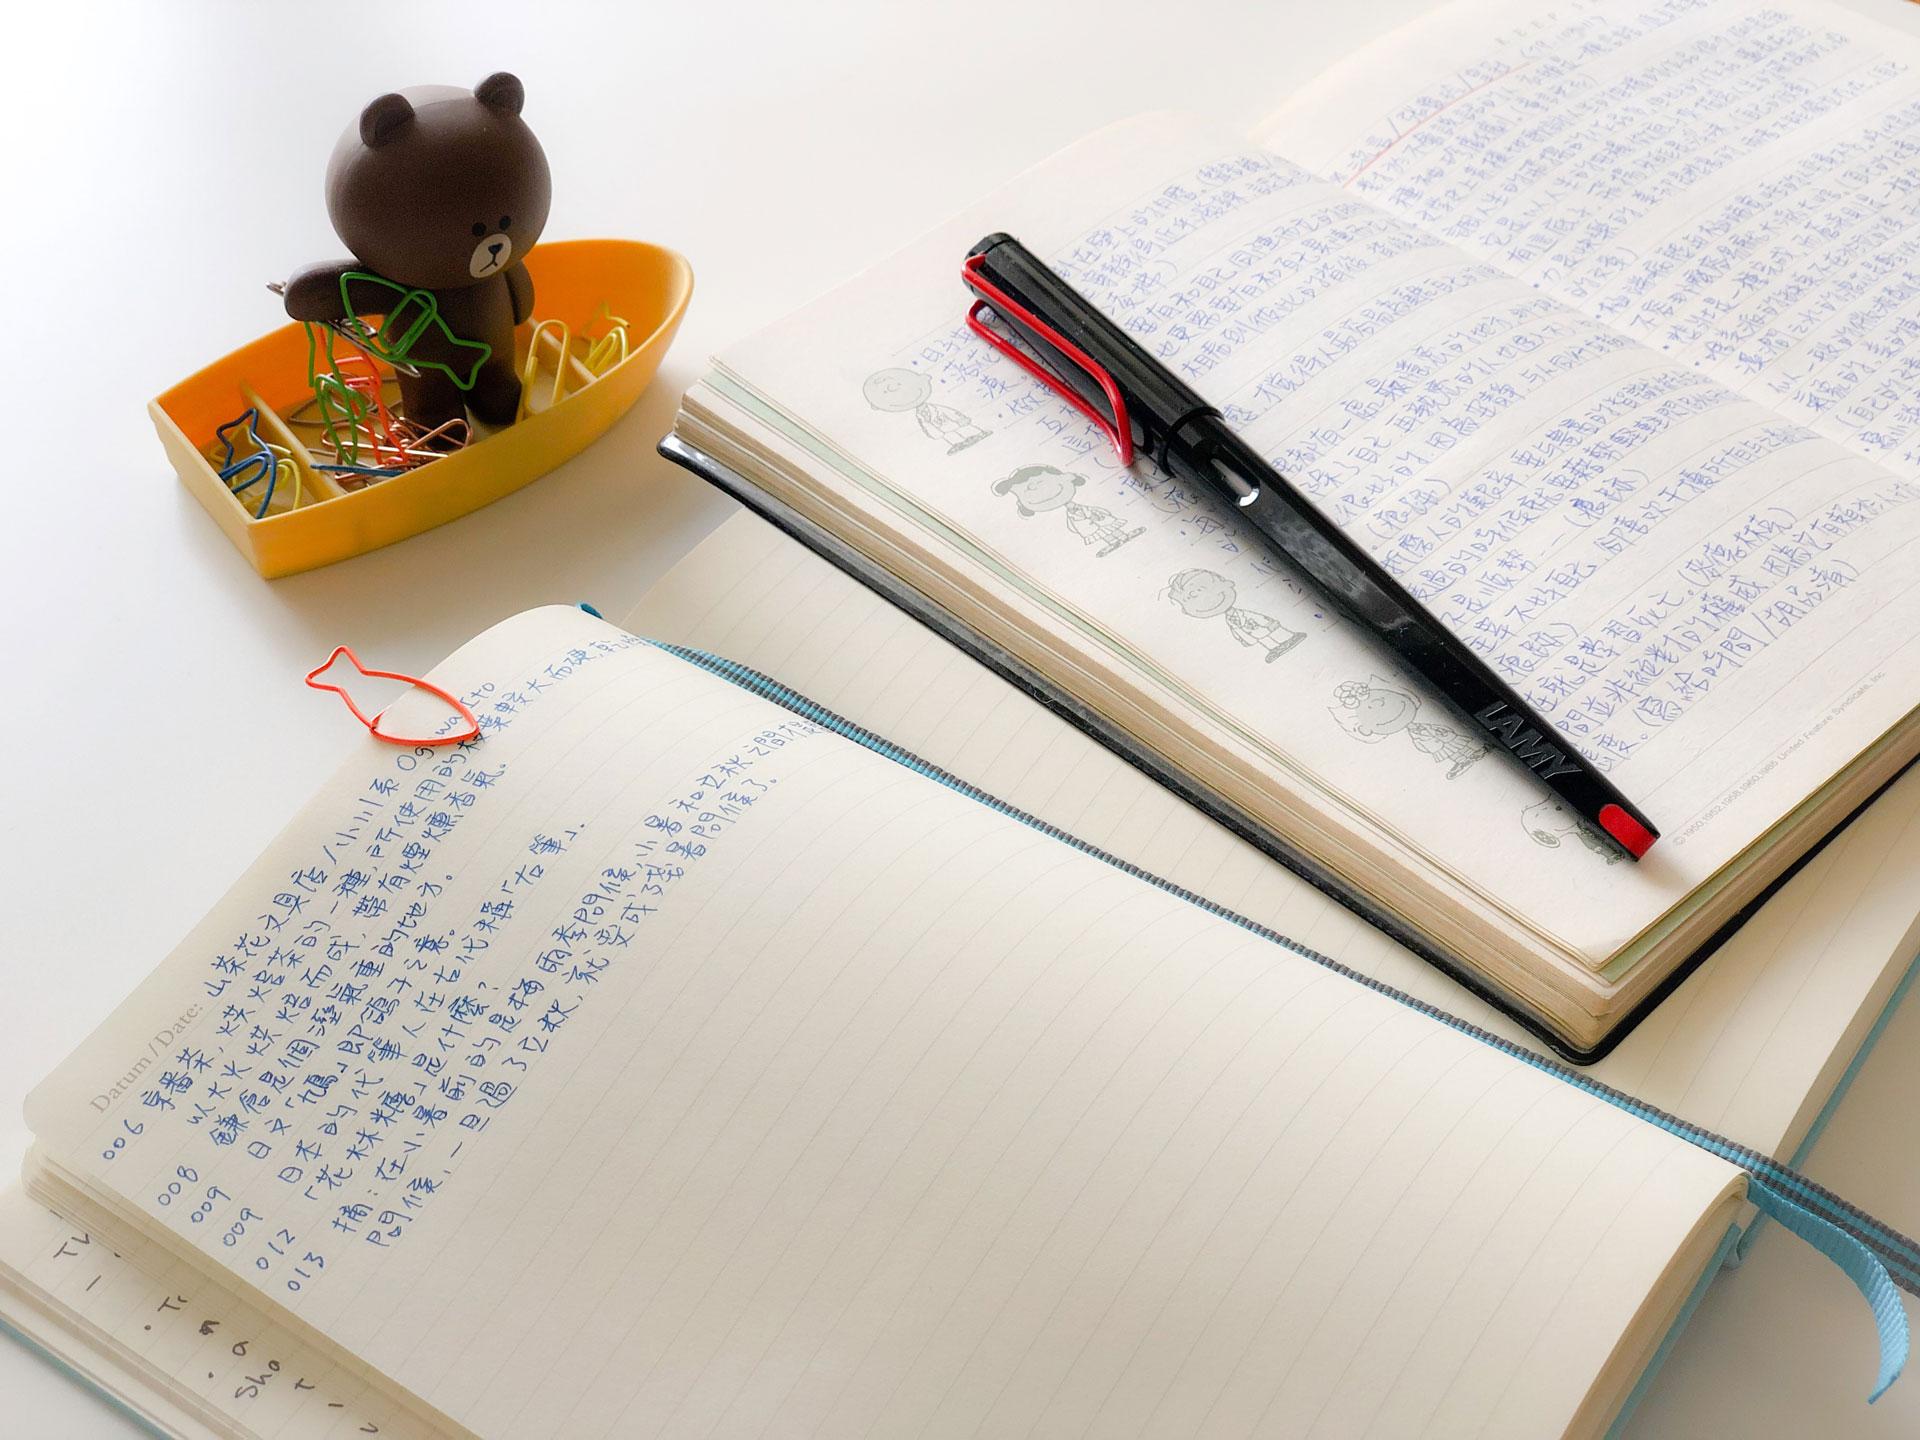 左邊是現在的摘錄筆記,右邊是學生時代的筆記